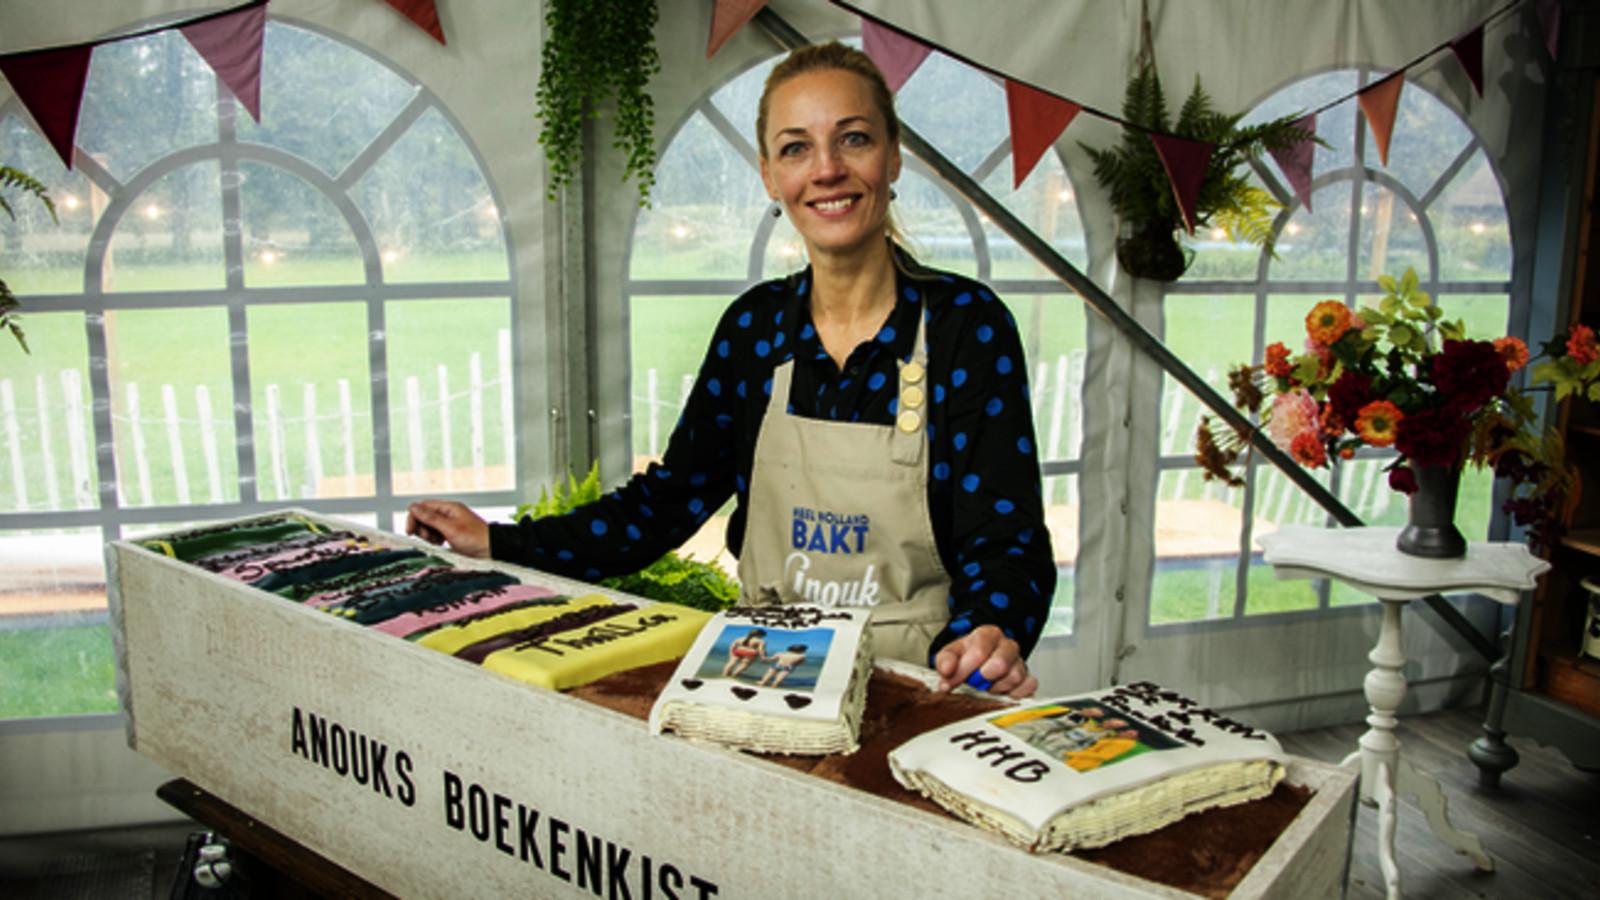 Winnares Anouk Glaudemans van de zevende editie Heel Holland Bakt.